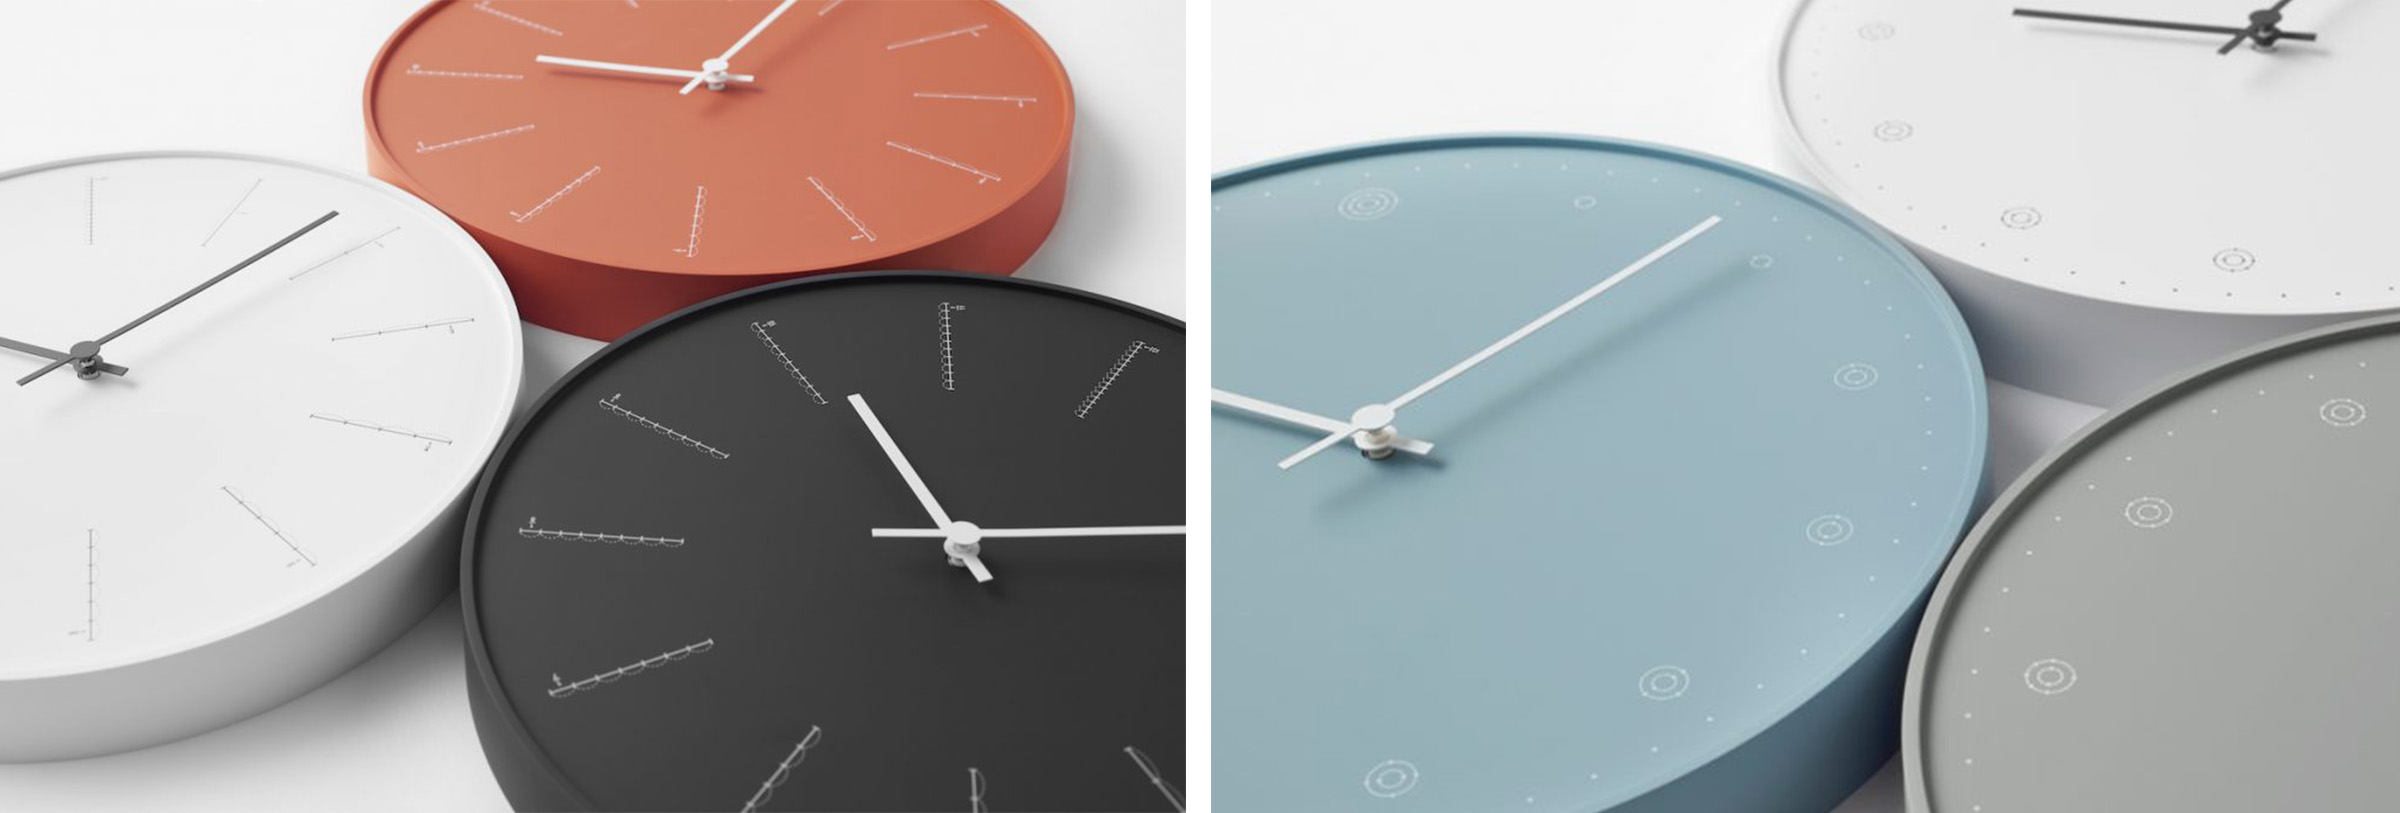 Wanduhr modern & hochwertig online kaufen | Satamo